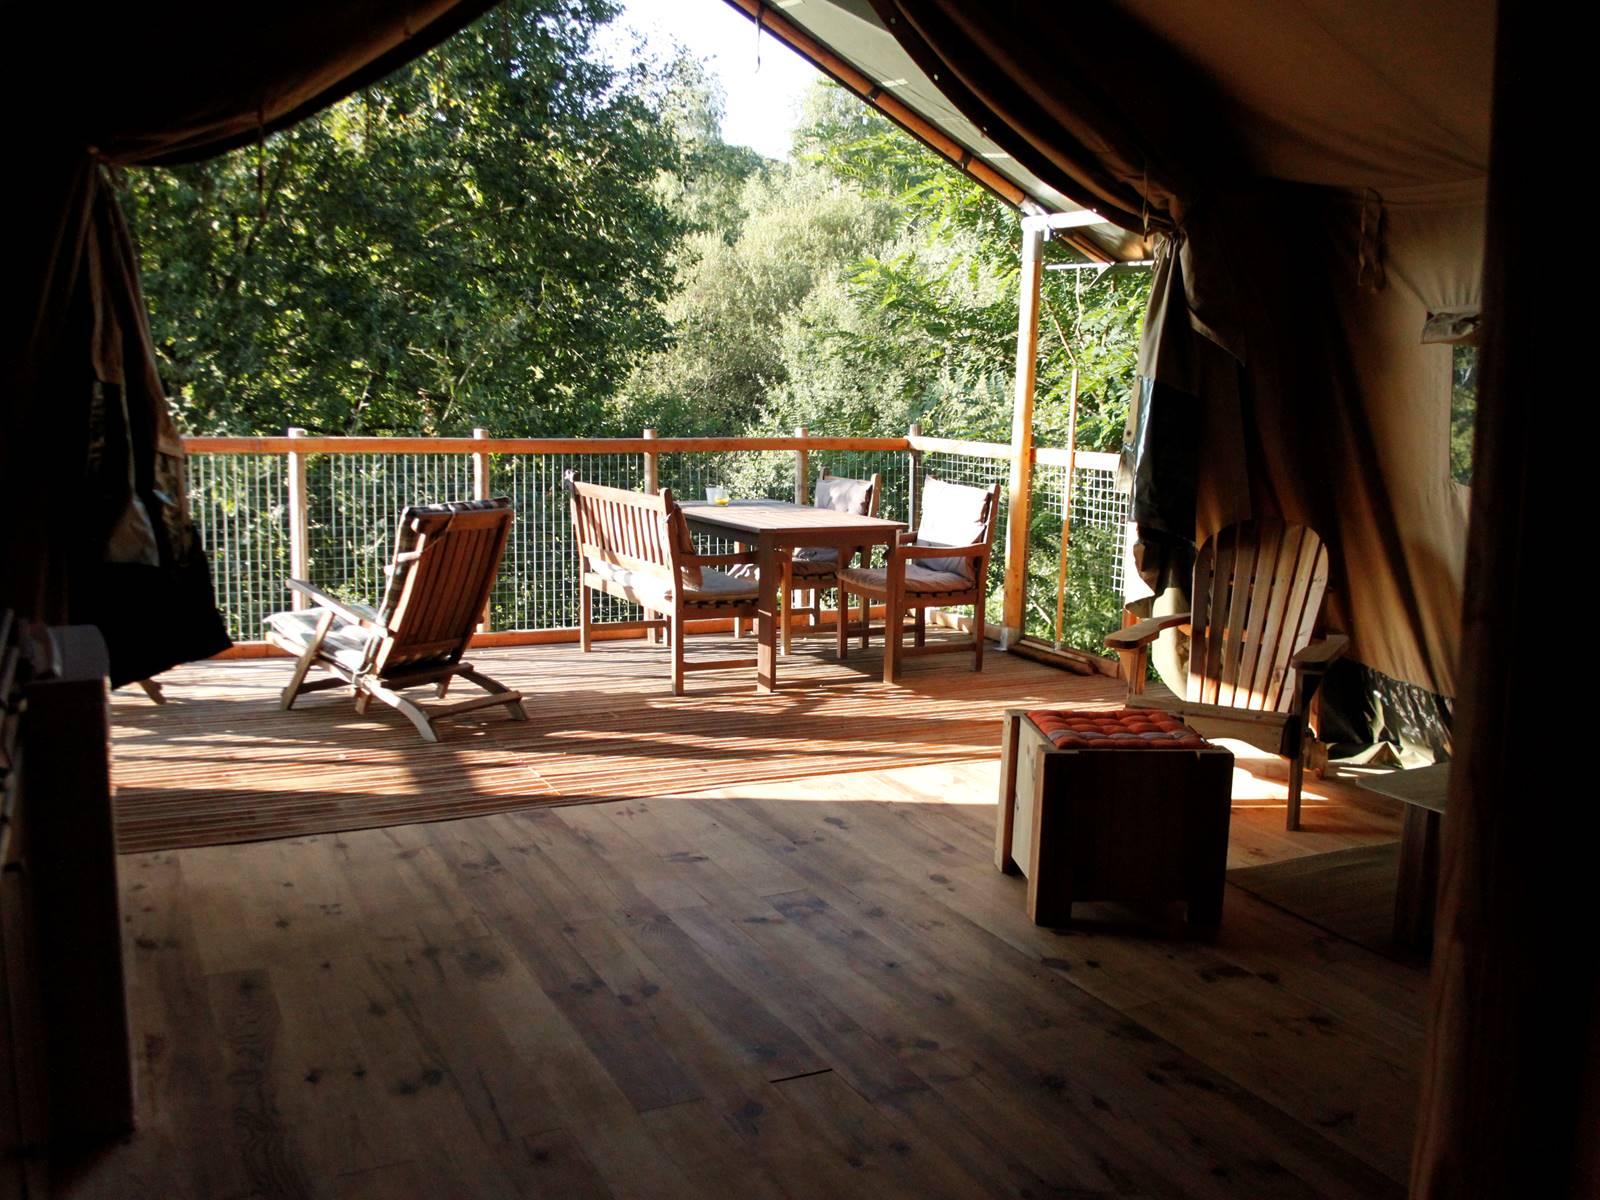 tente bungalow safari